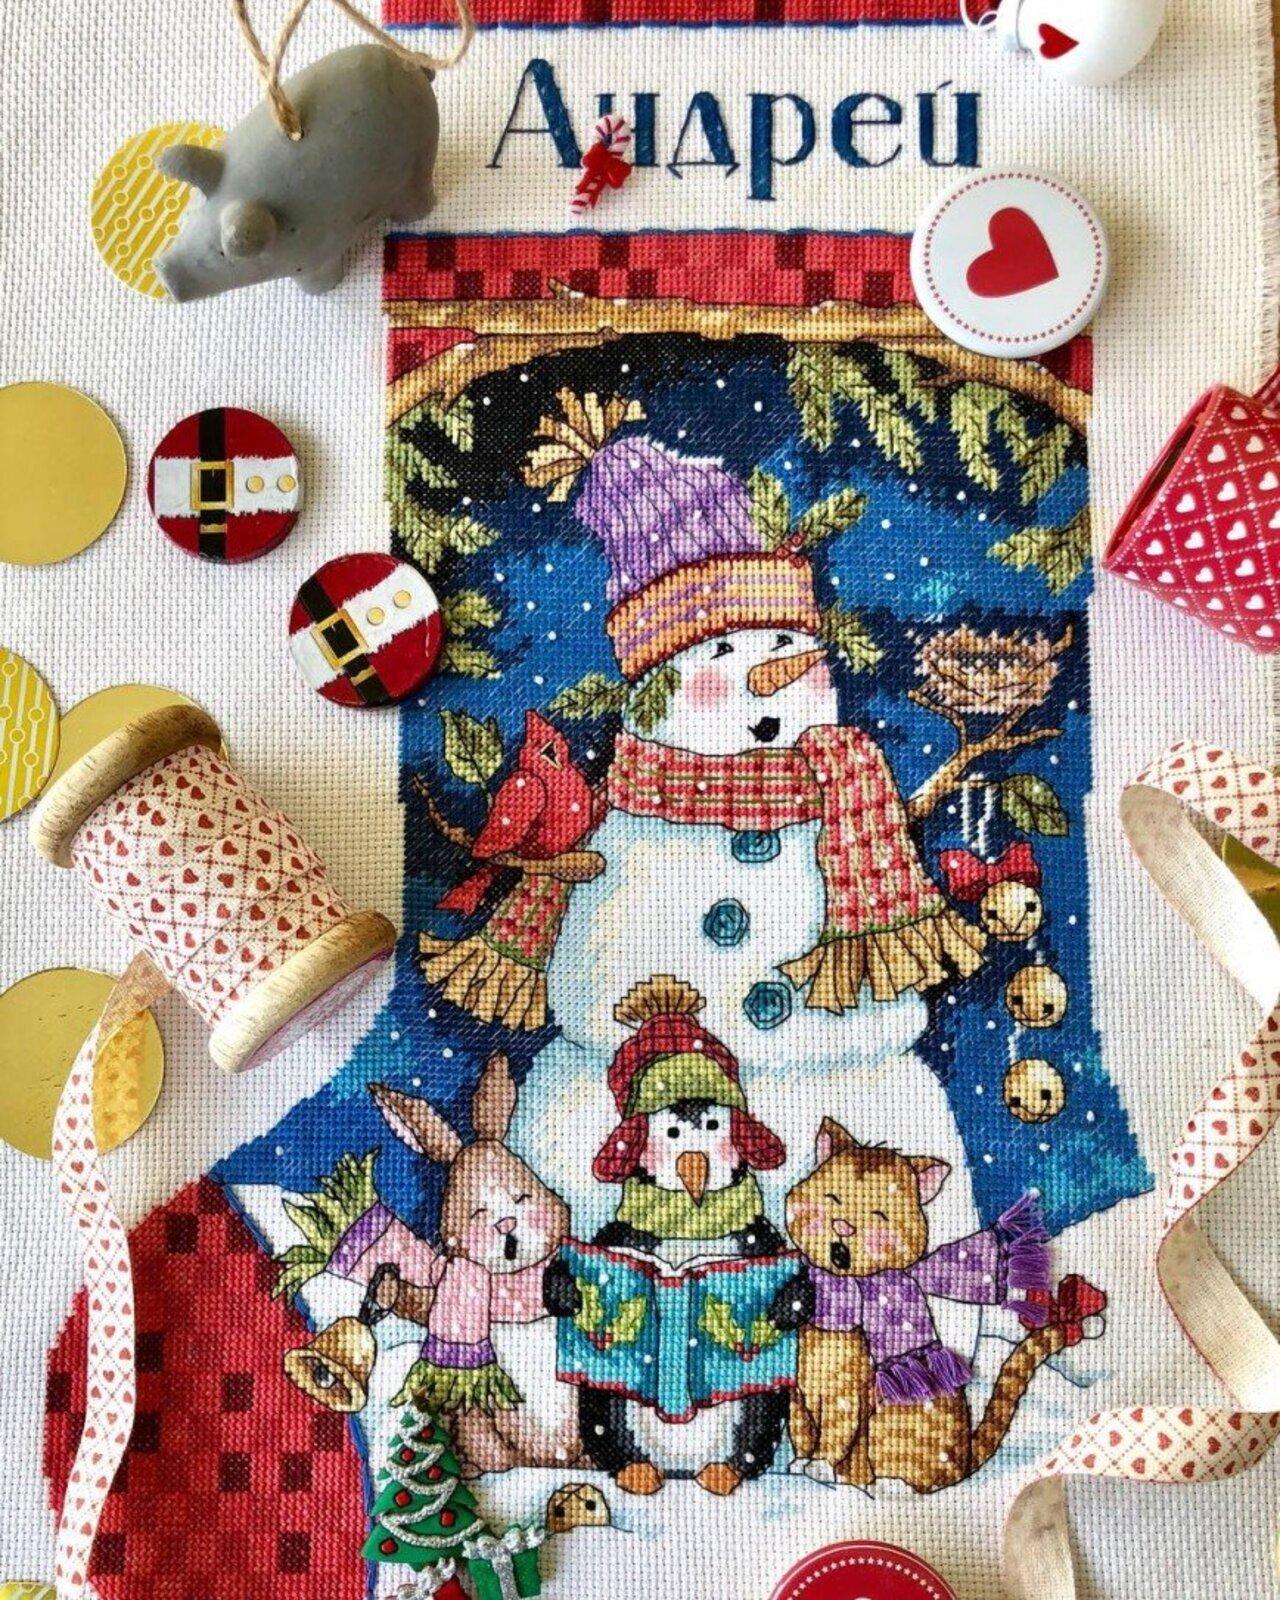 Автор: ОляЧе, Фотозал: Мое хобби, Рождественский носок для сына. Самый мой долгостройный долгострой.